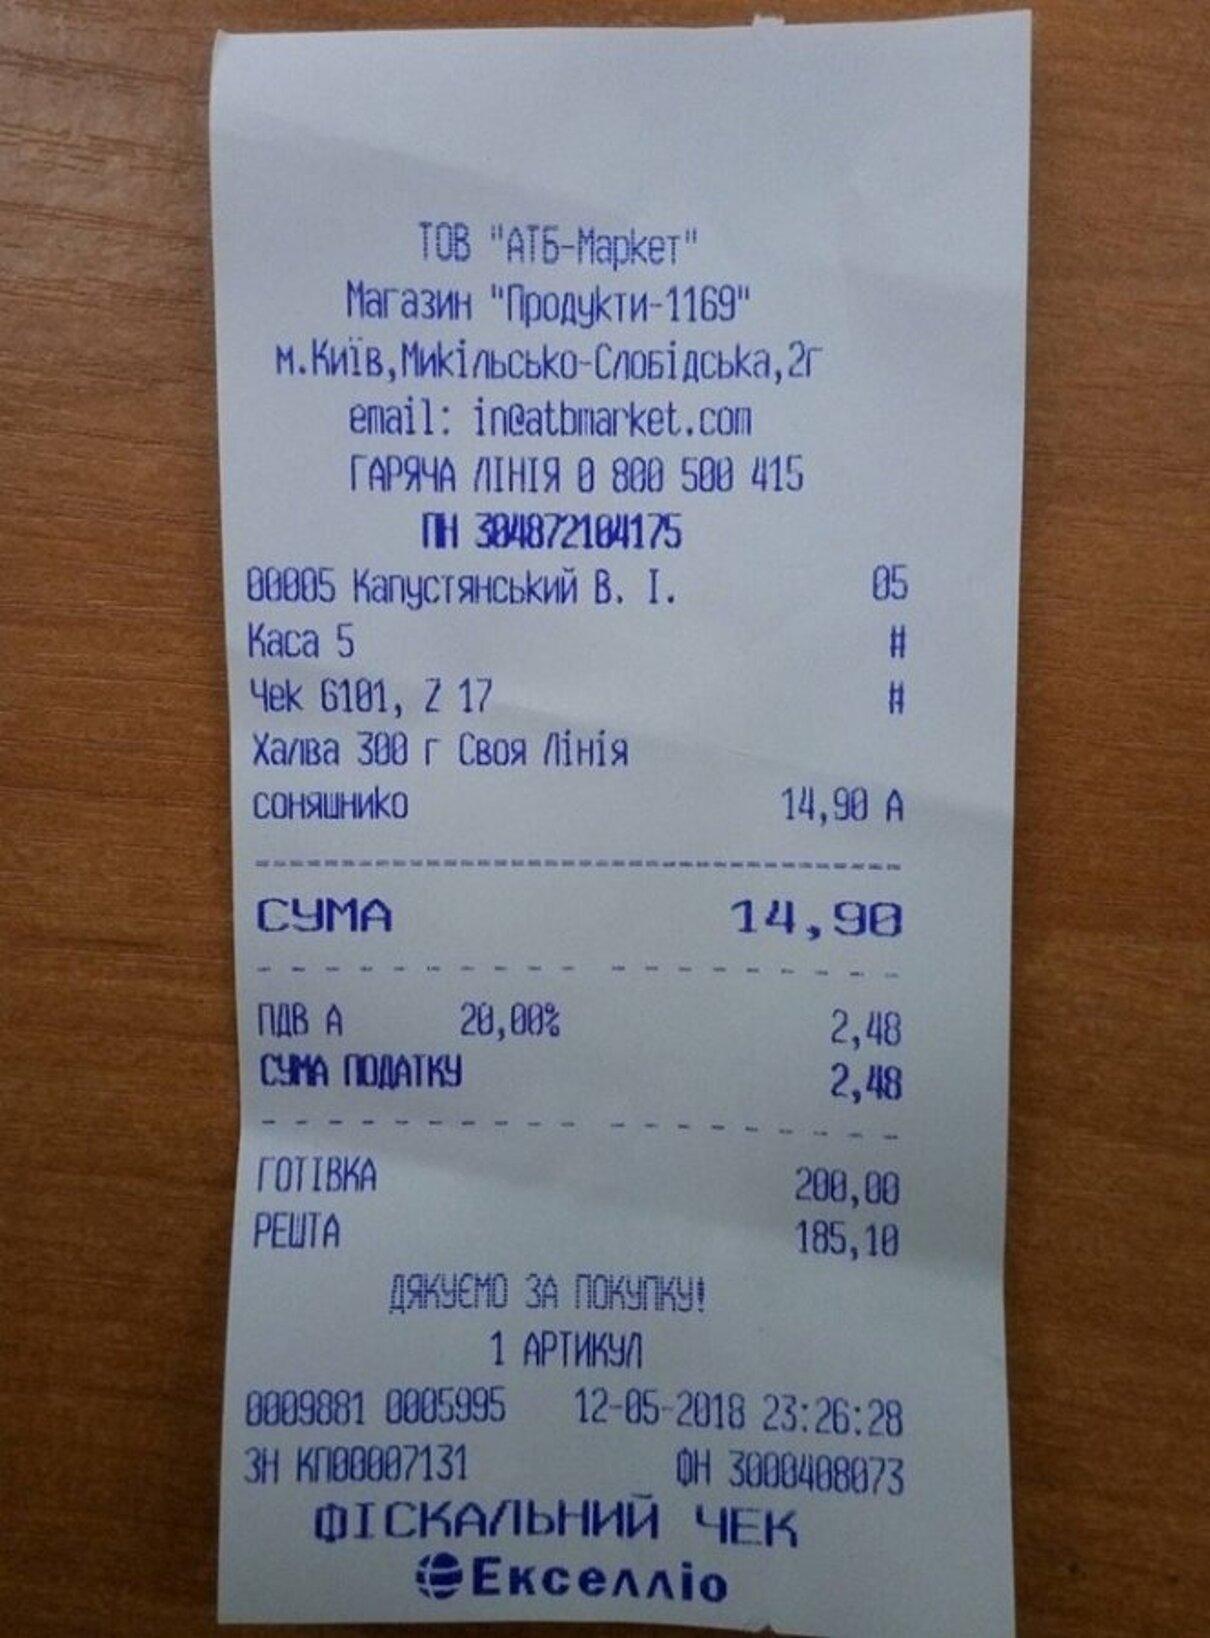 Жалоба-отзыв: АТБ - Жалоба на новый супермаркет АТБ в г.Киеве на Никольско-Слободской, 2Г